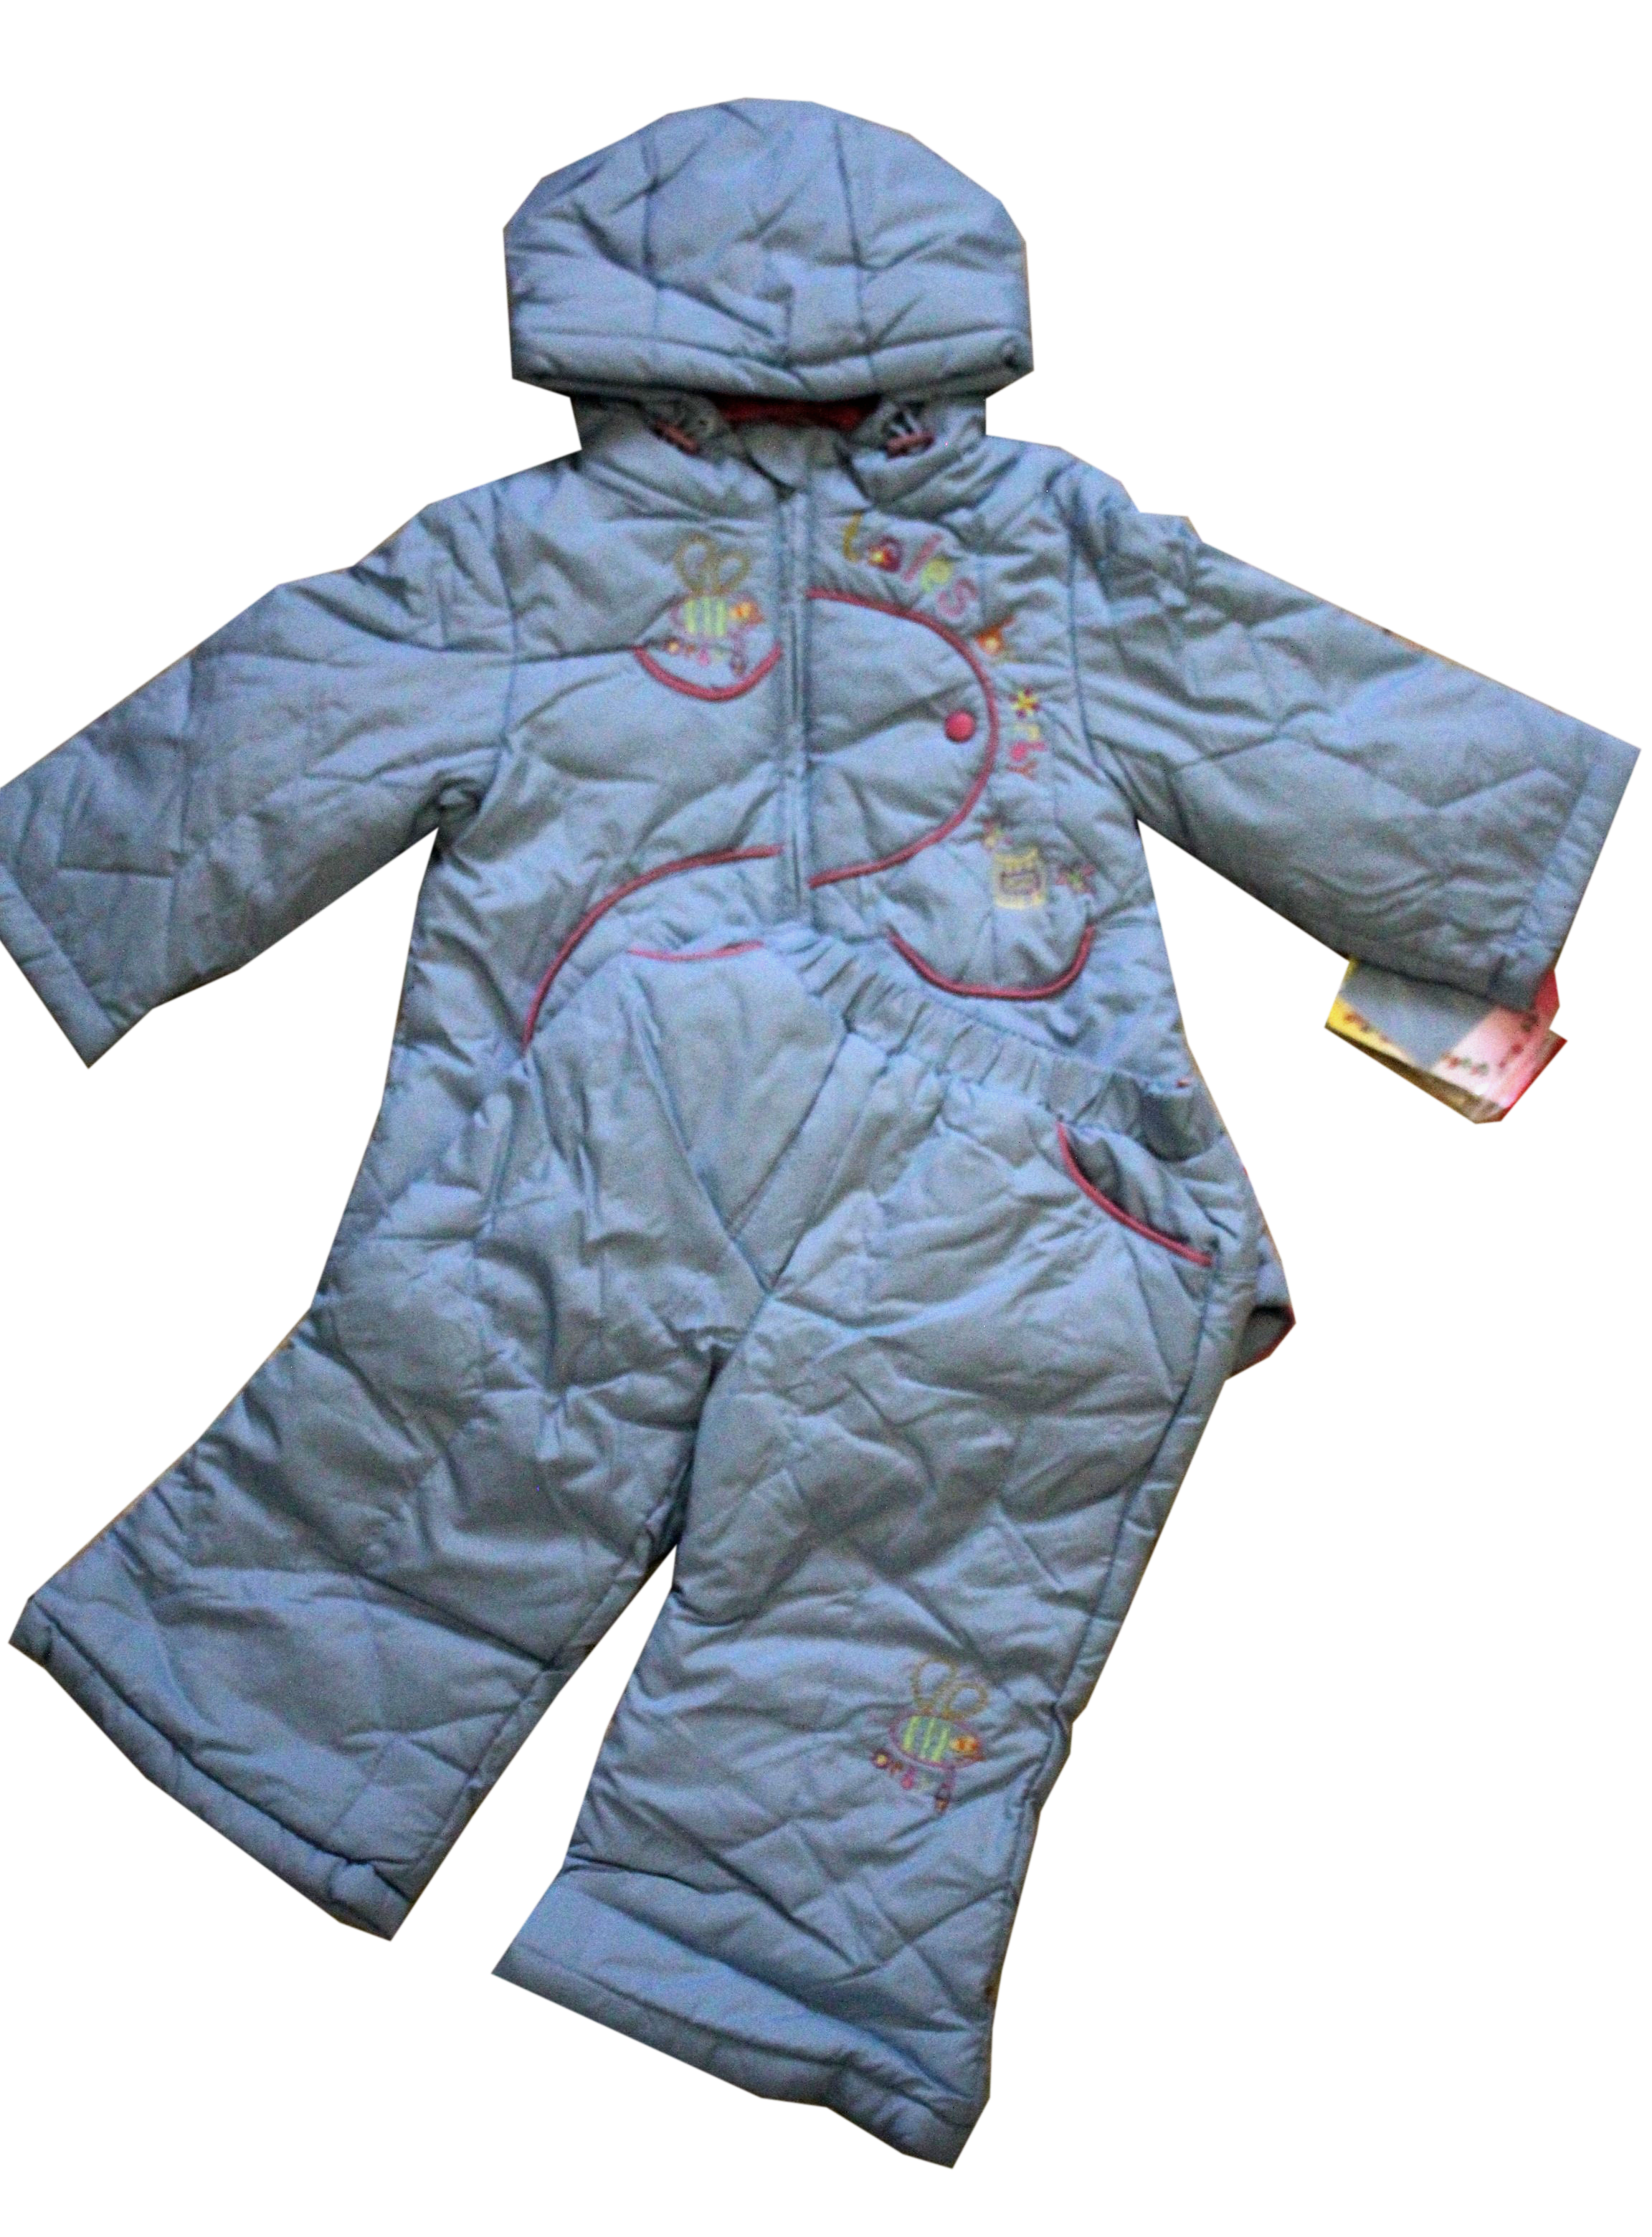 Сбор заказов. Последние экземпляры коллекции! Утеплённые модели для детей. Цена от 200 рублей. Больше таких цен не будет!